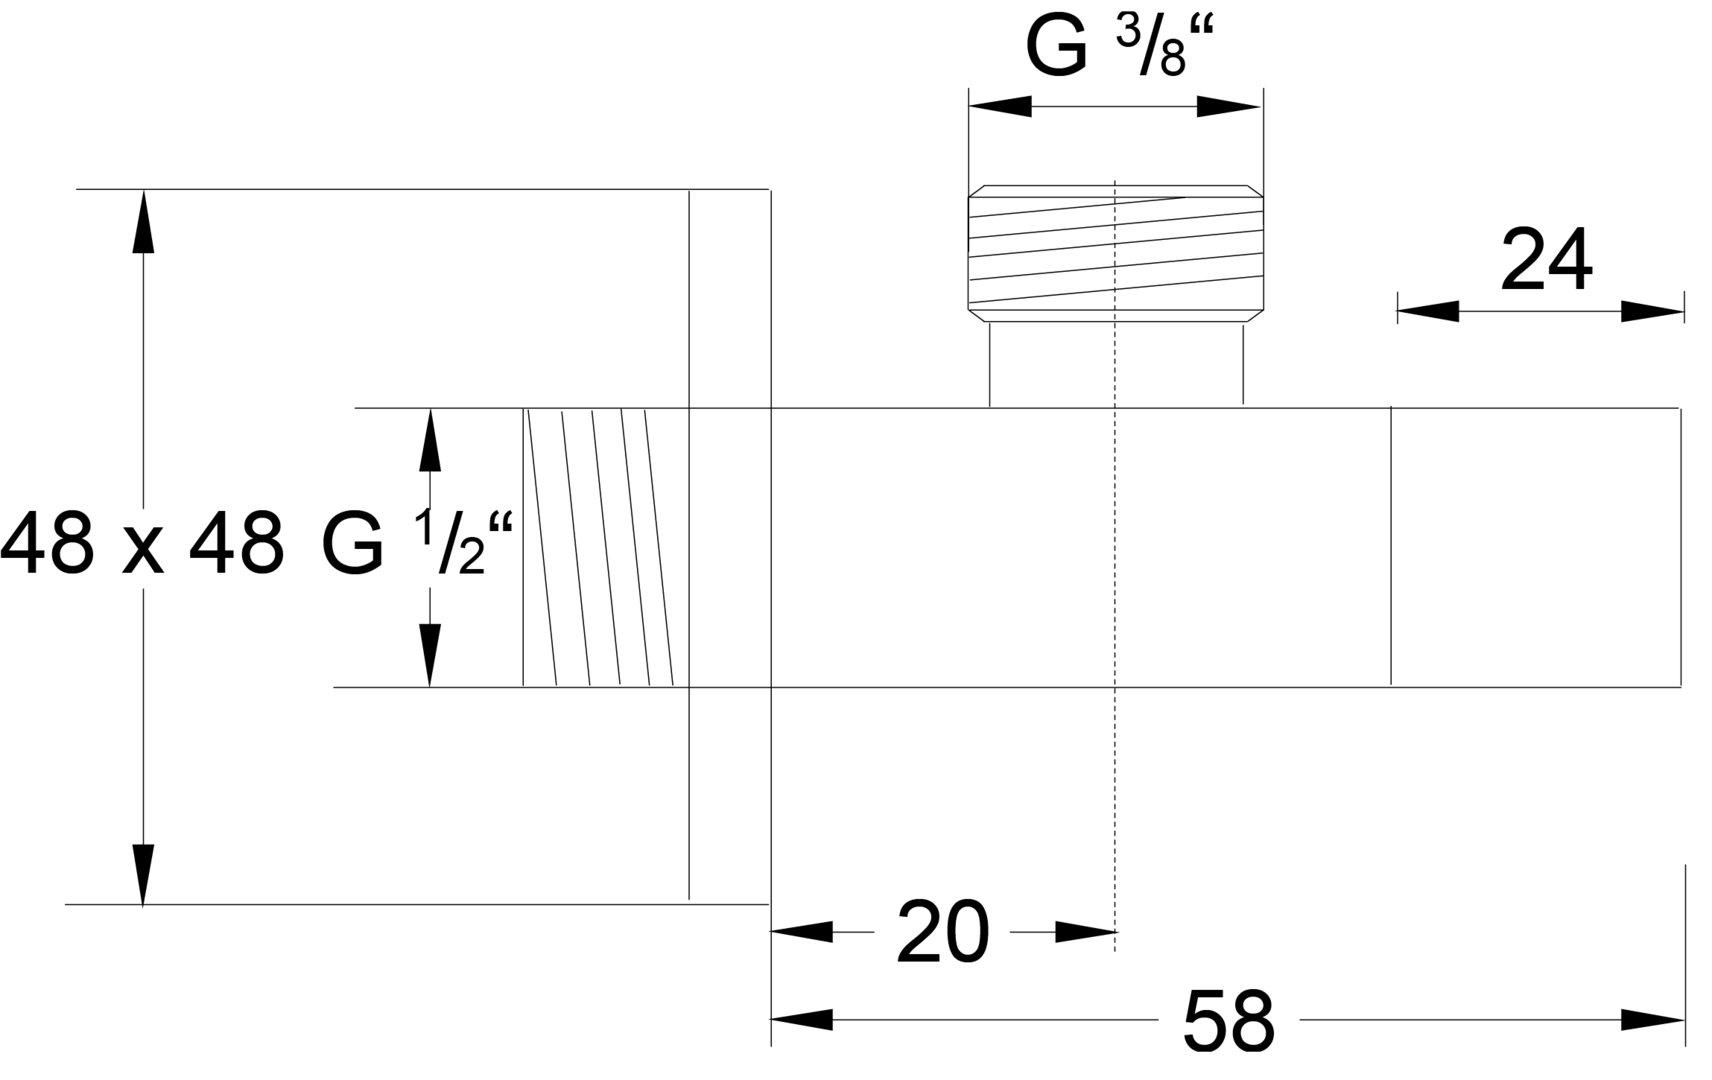 serie design eckventil 1 2 mit 3 8 anschluss. Black Bedroom Furniture Sets. Home Design Ideas